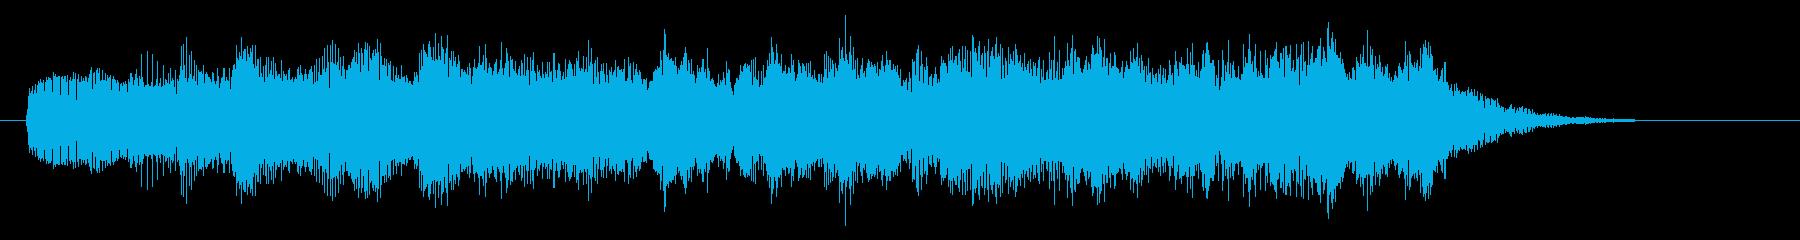 ピアノ/重厚・高級・映画感のあるSEの再生済みの波形